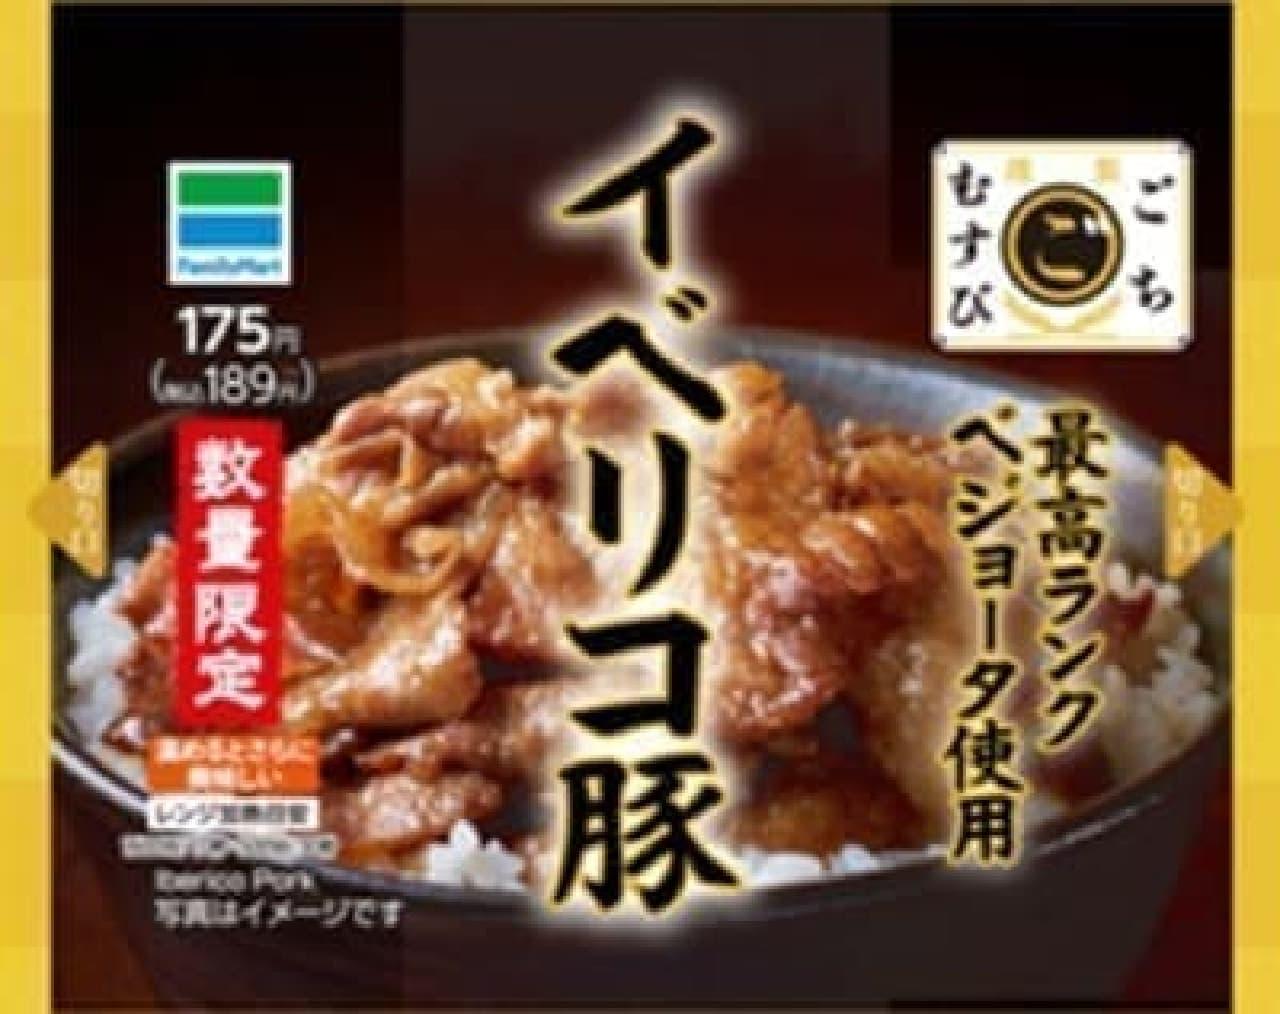 ファミリーマート「イベリコ豚おむすび」